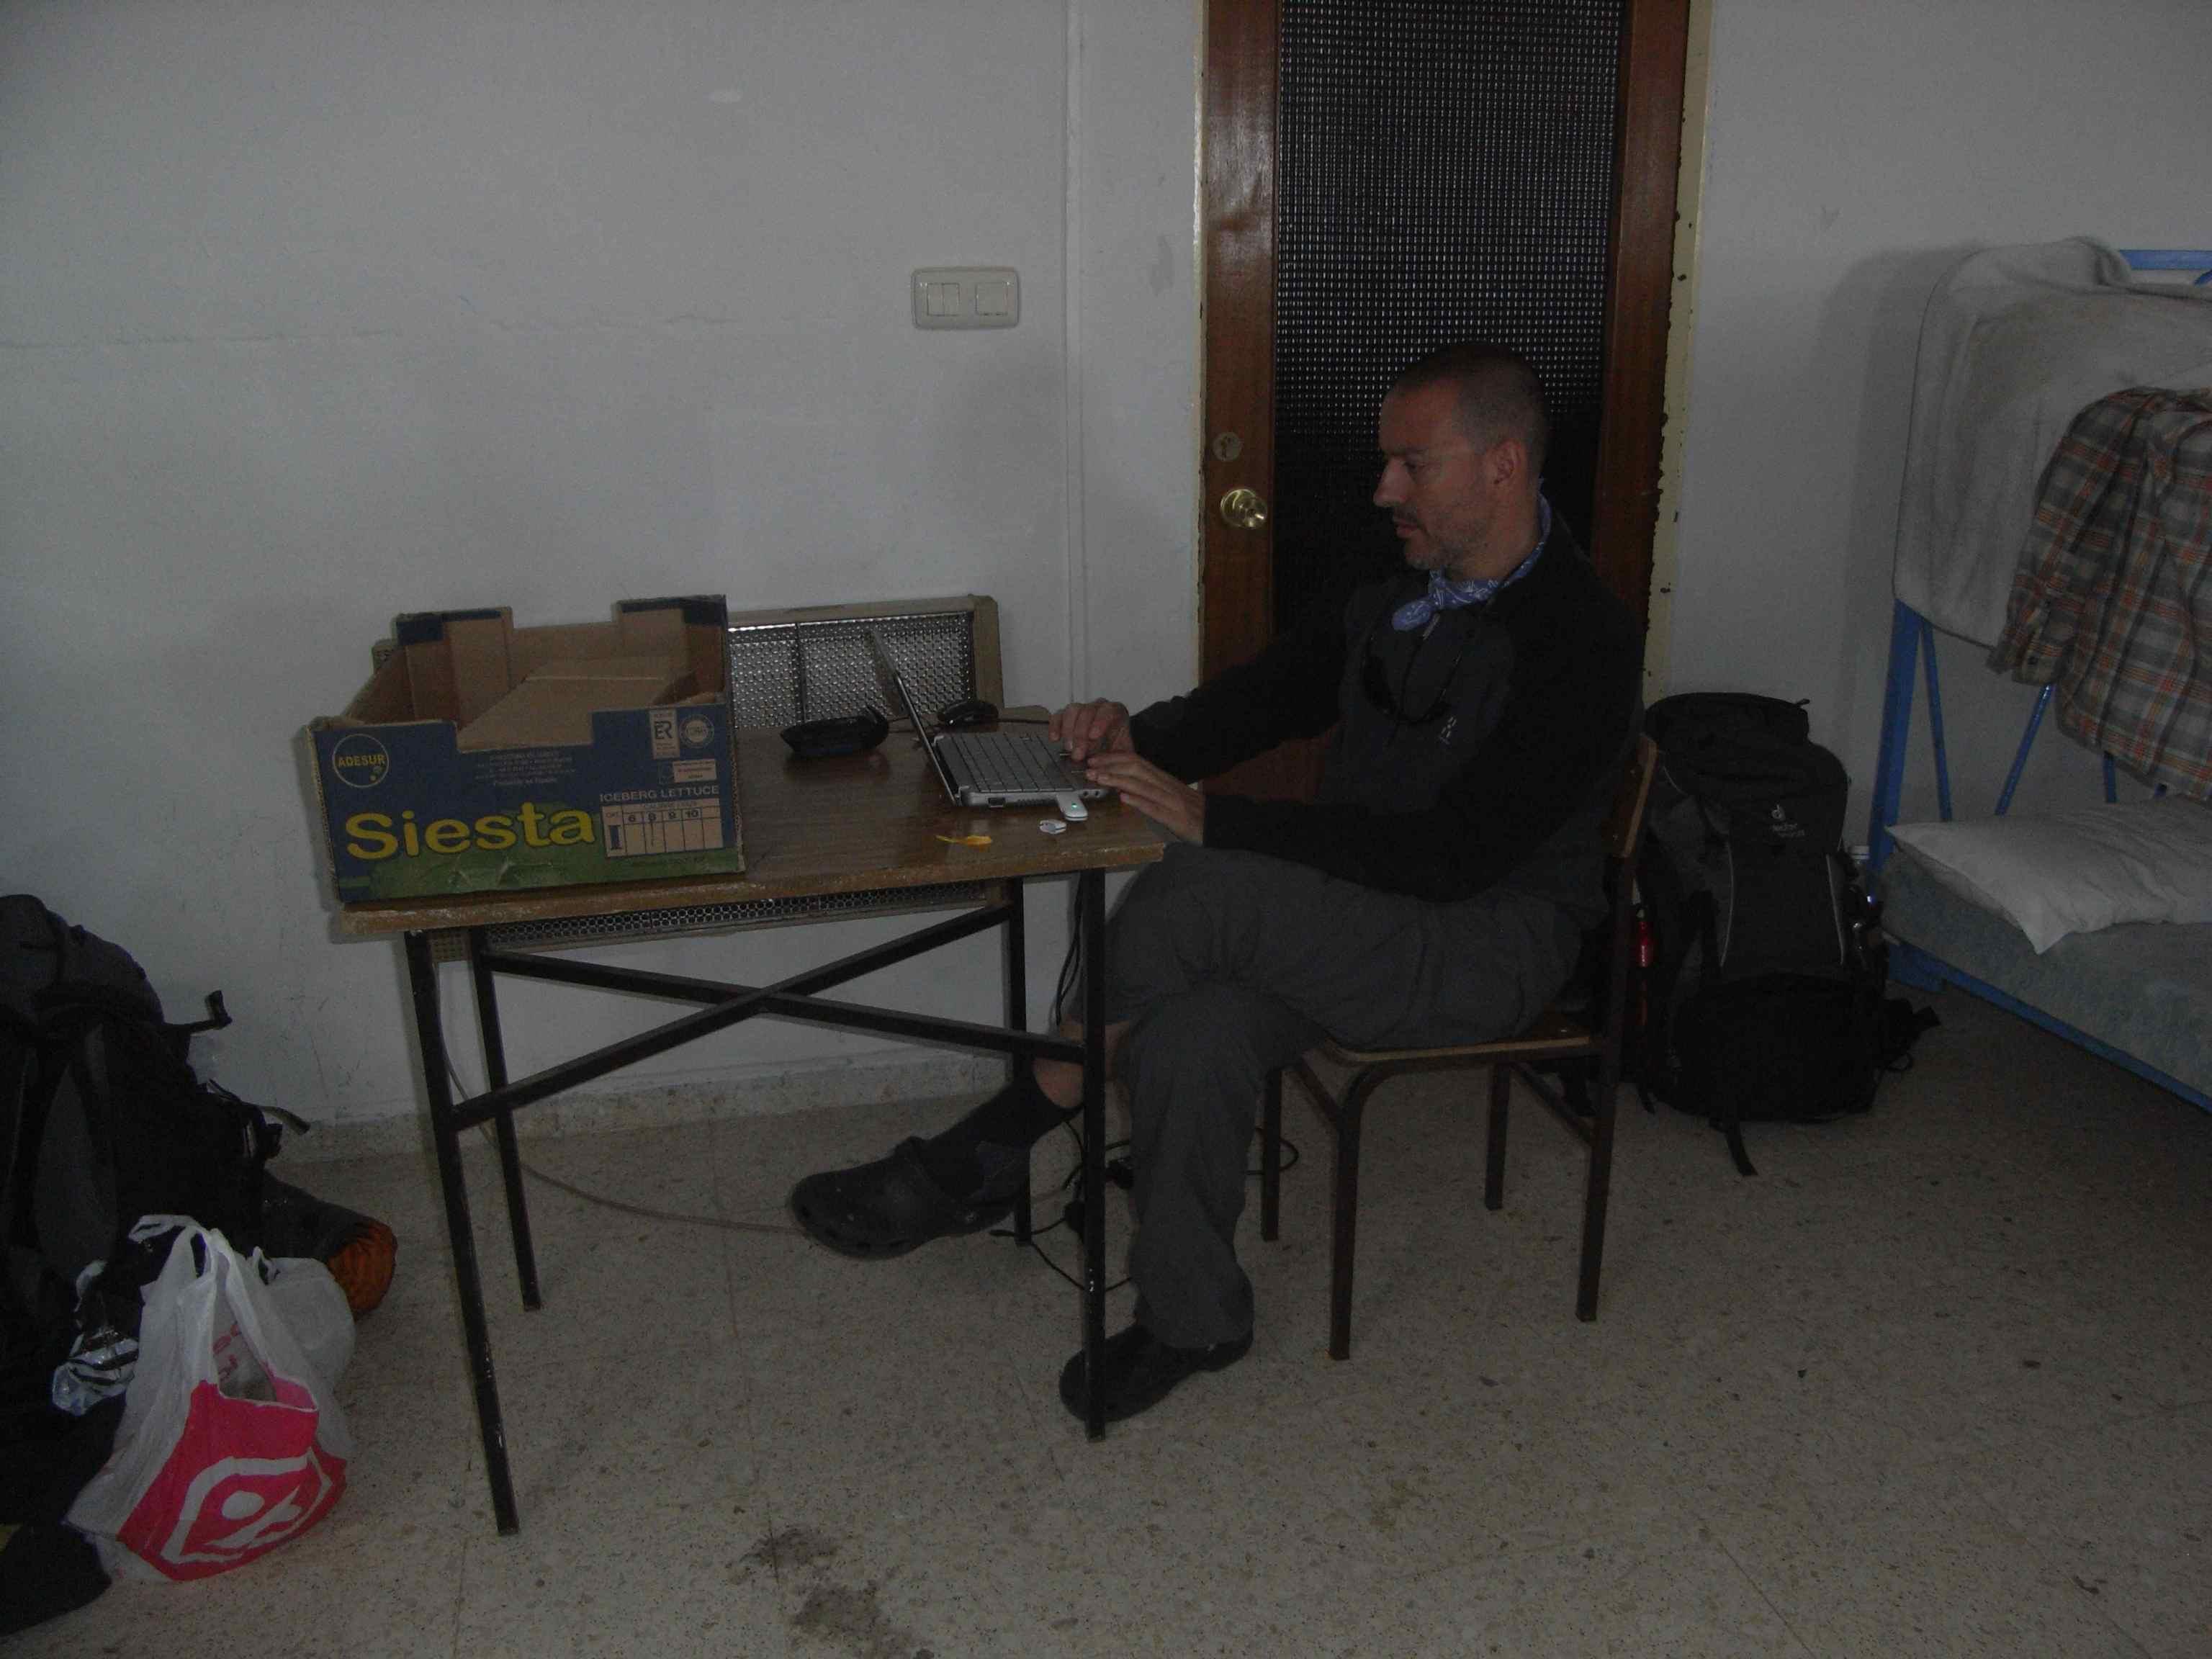 Oficina móvil